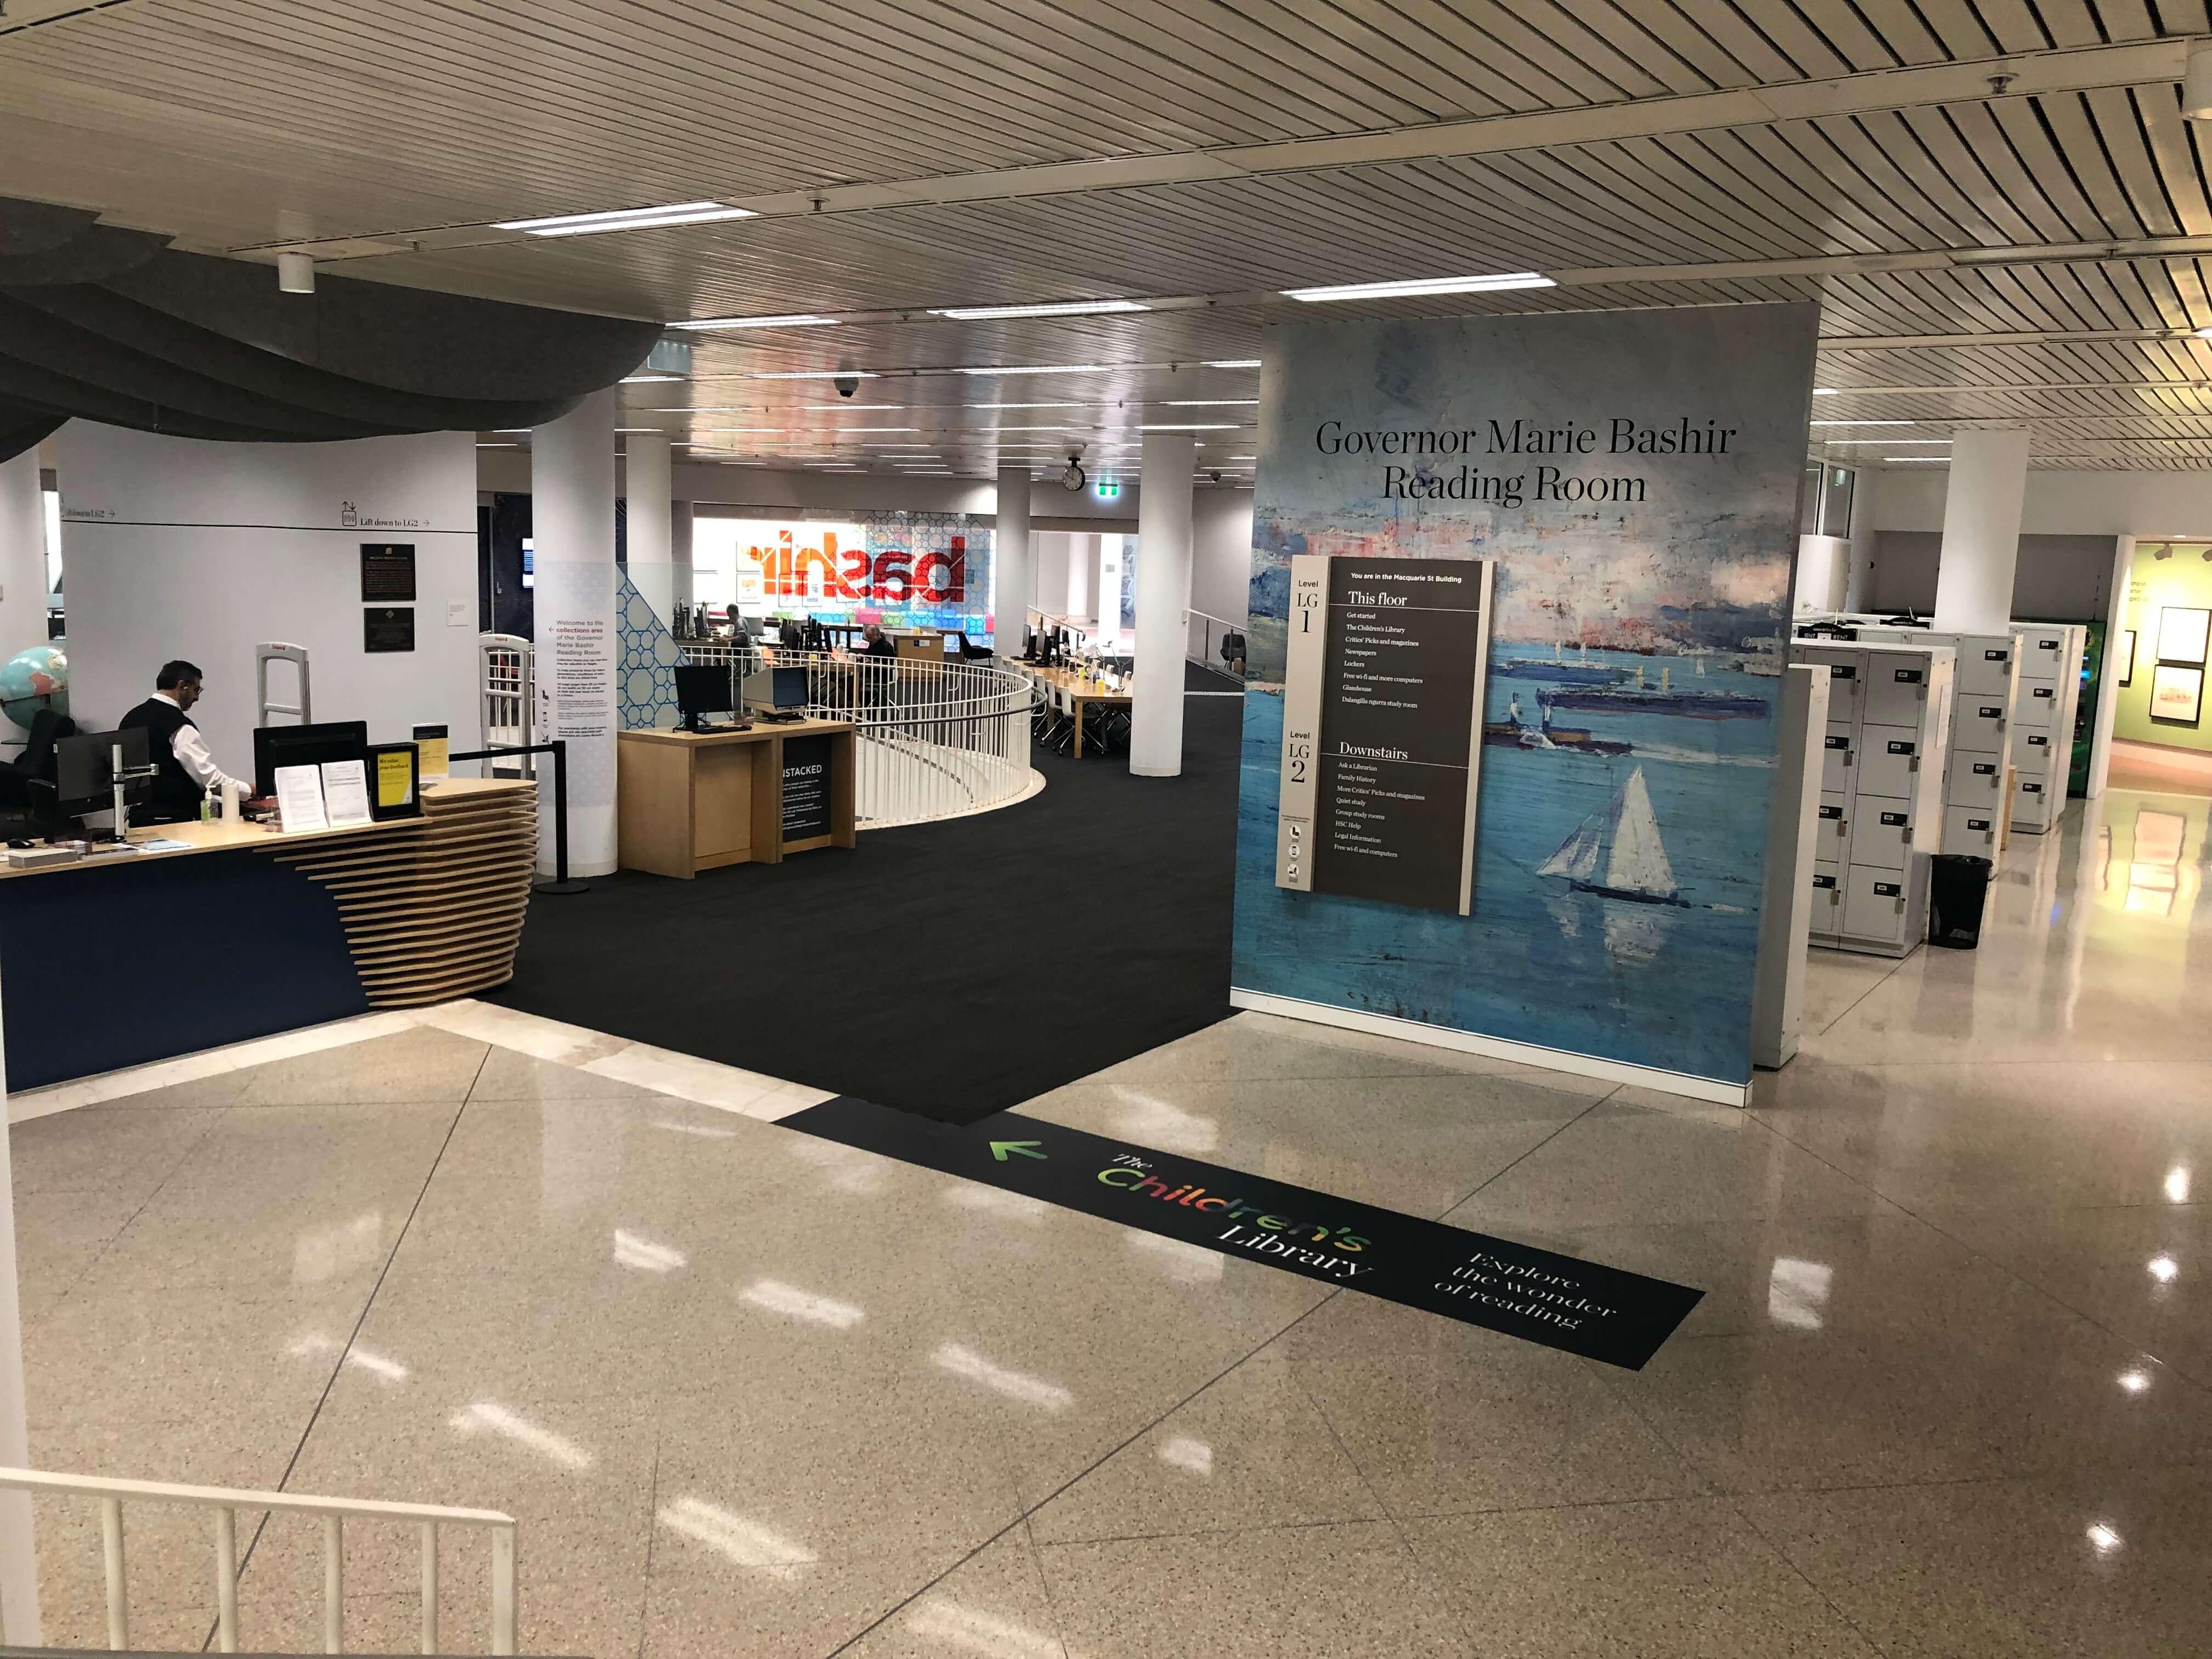 シドニー州立図書館の新館の受付